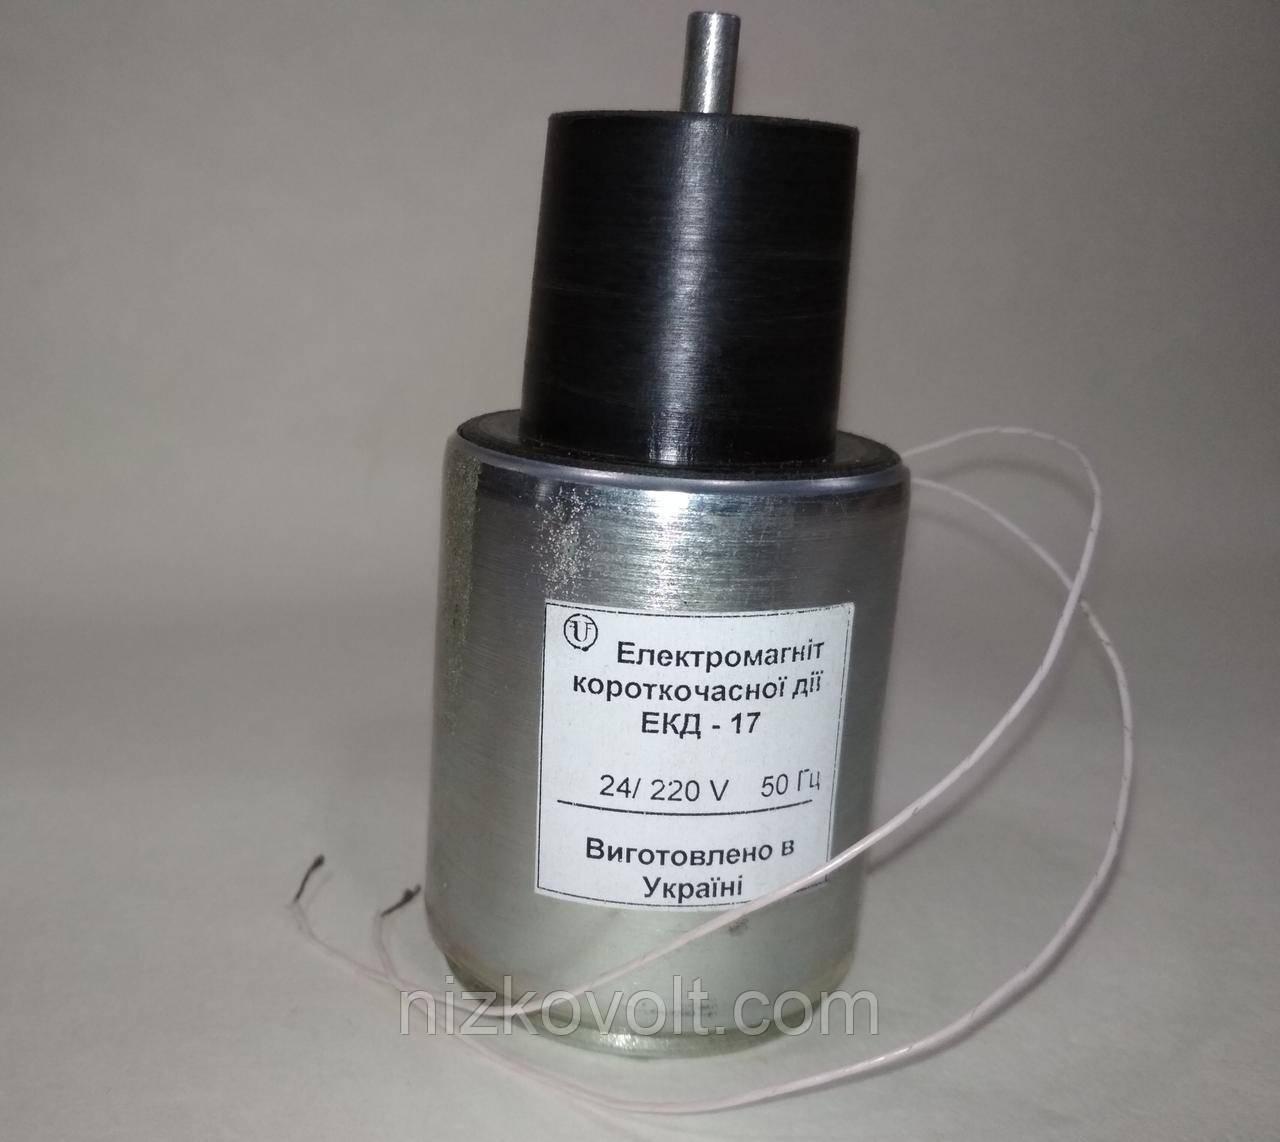 Электромагнит ЭКД-17